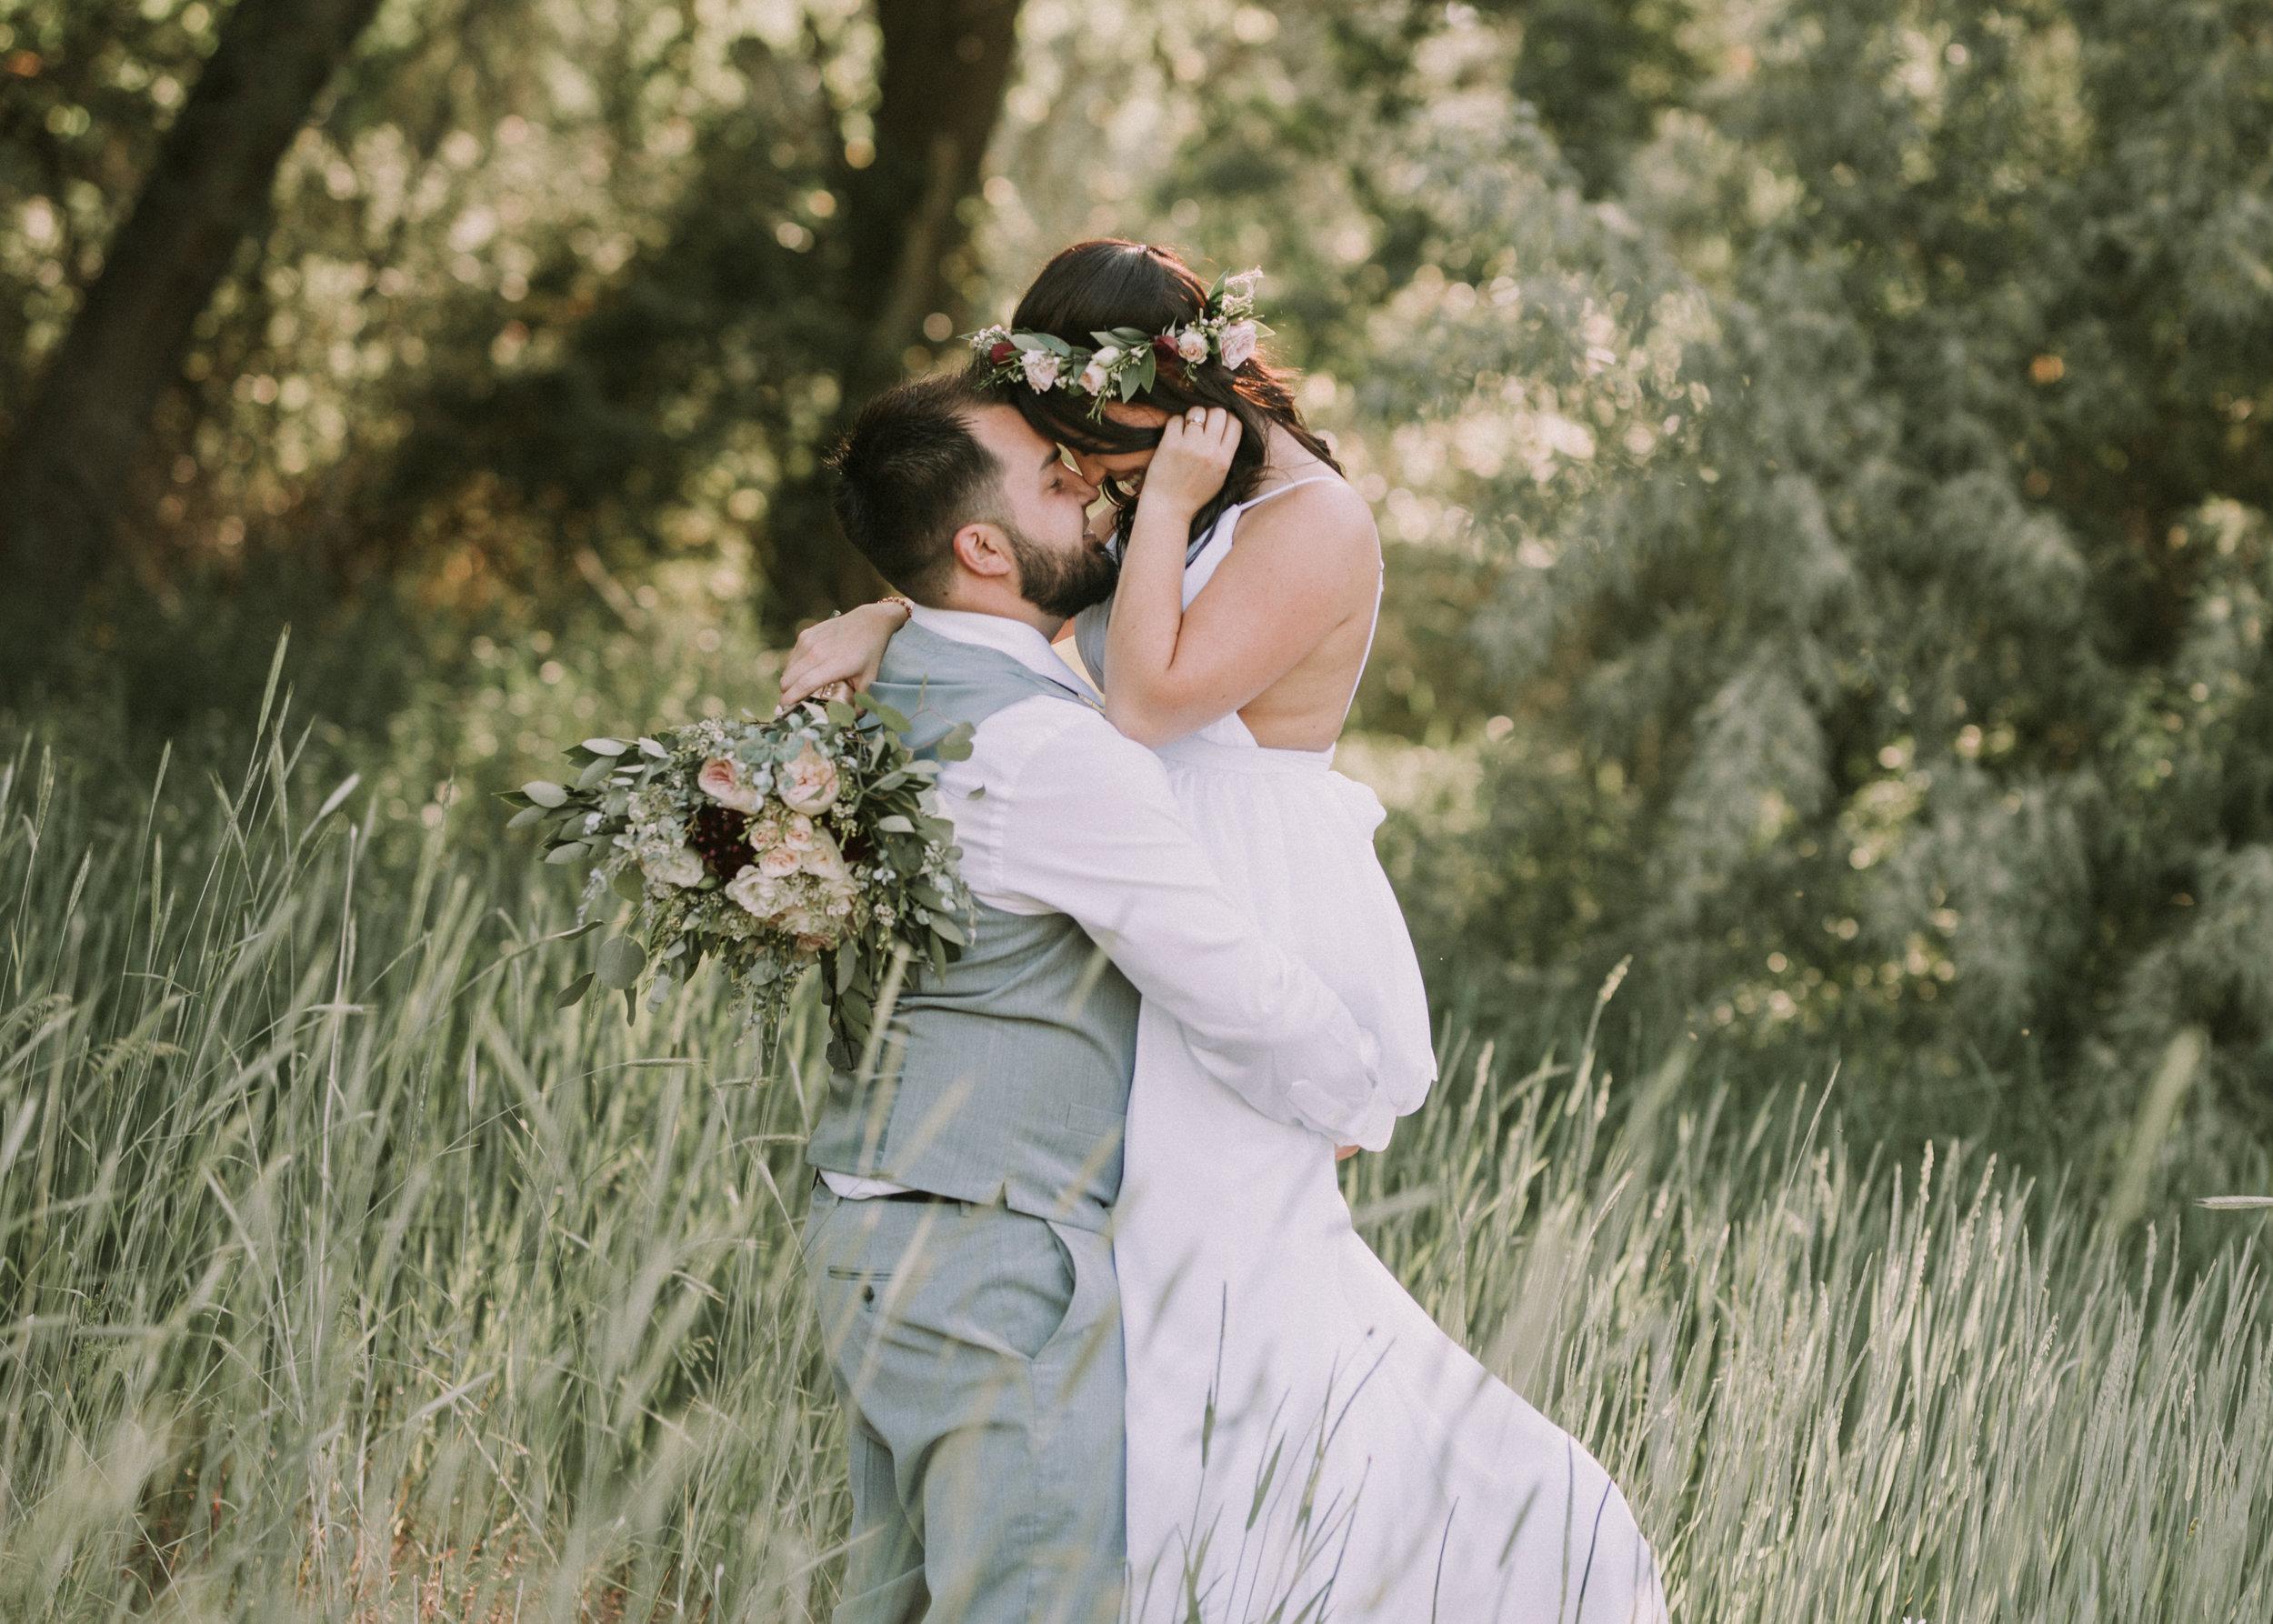 Beckstead, Kira Wedding Day-190.jpg